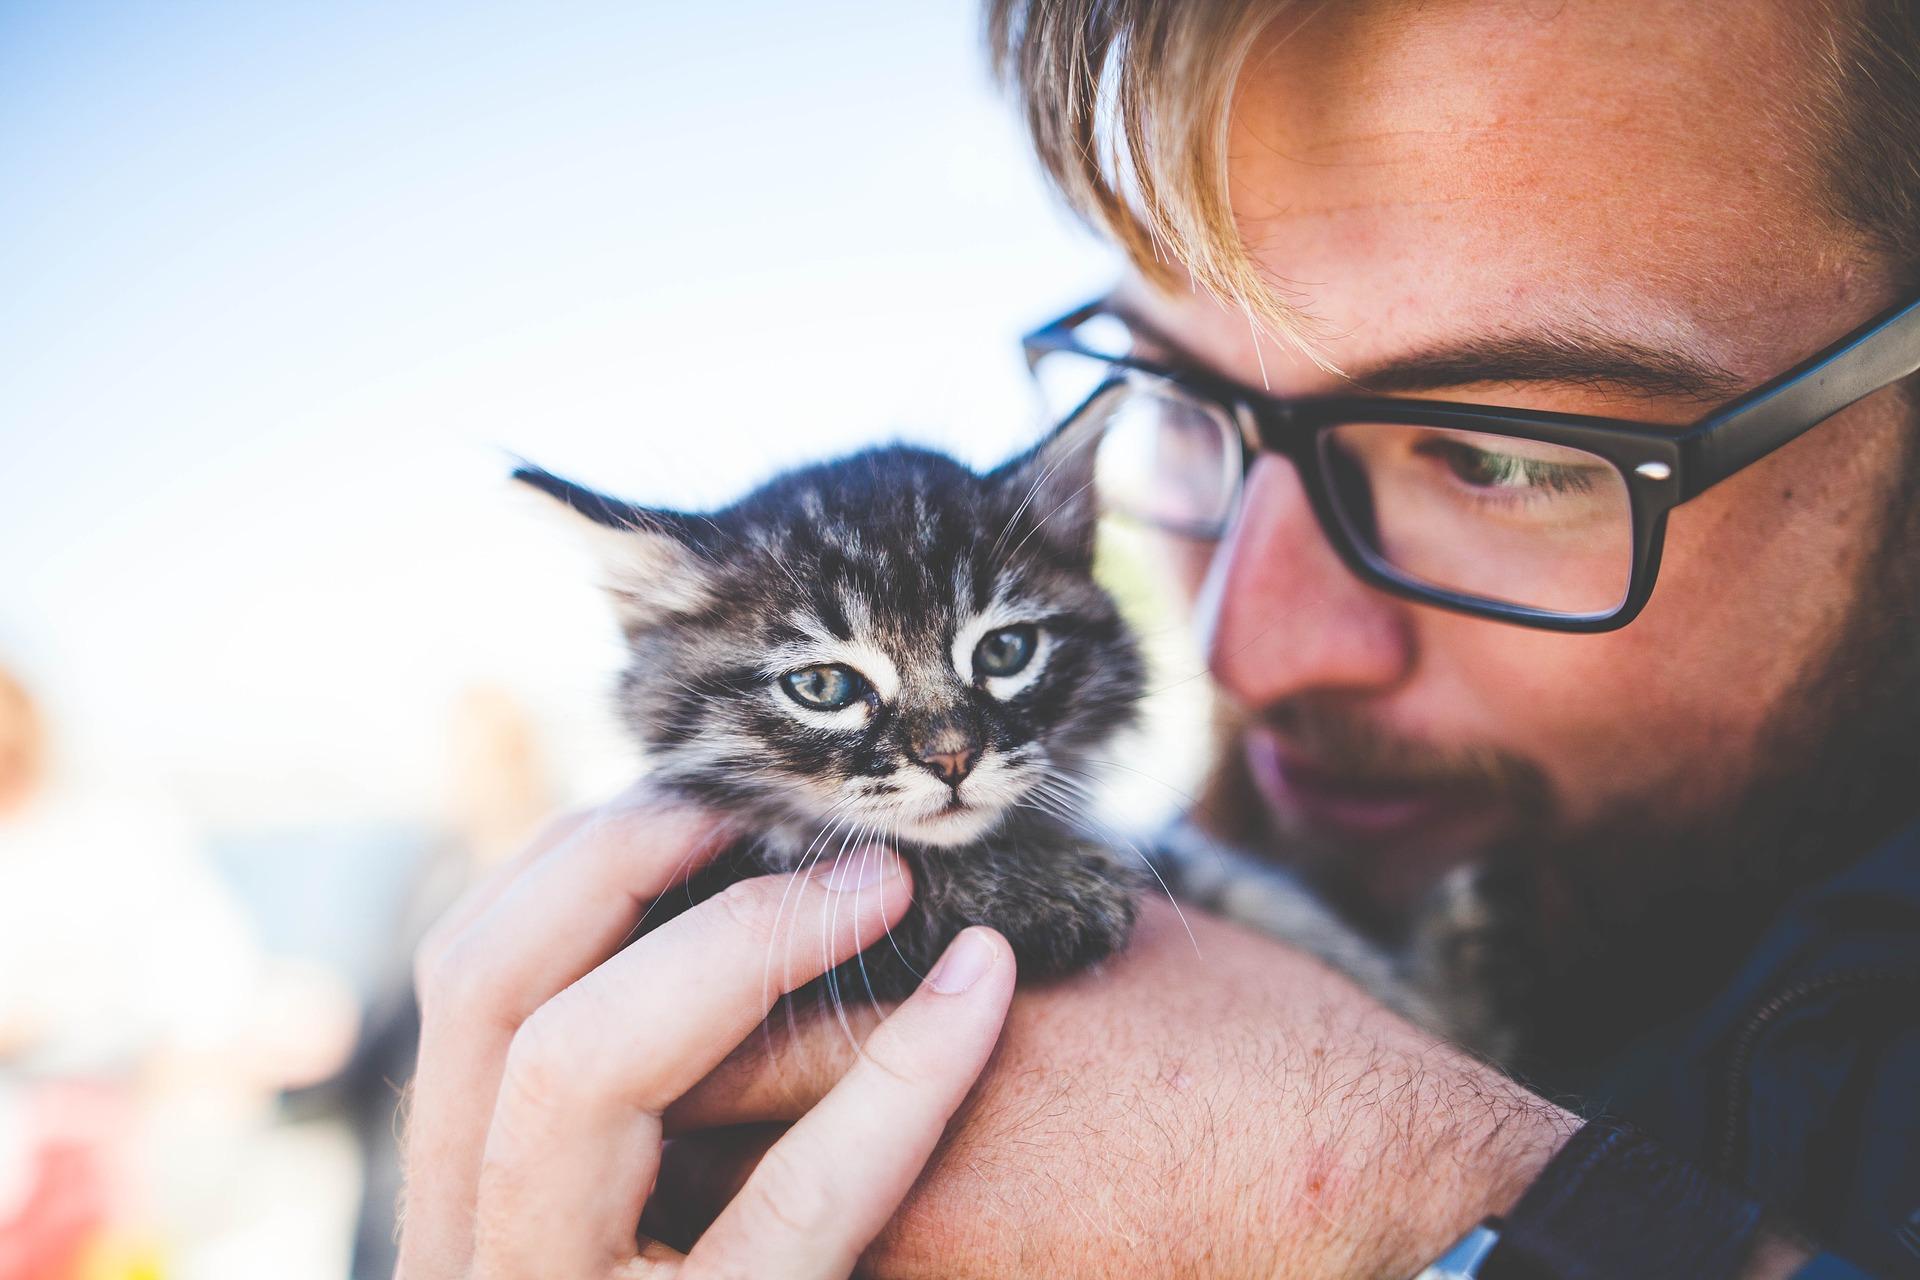 เหล่าทาสรู้ไหม…เล่นกับแมวอย่างไรให้ถูกหลักวิทยาศาสตร์